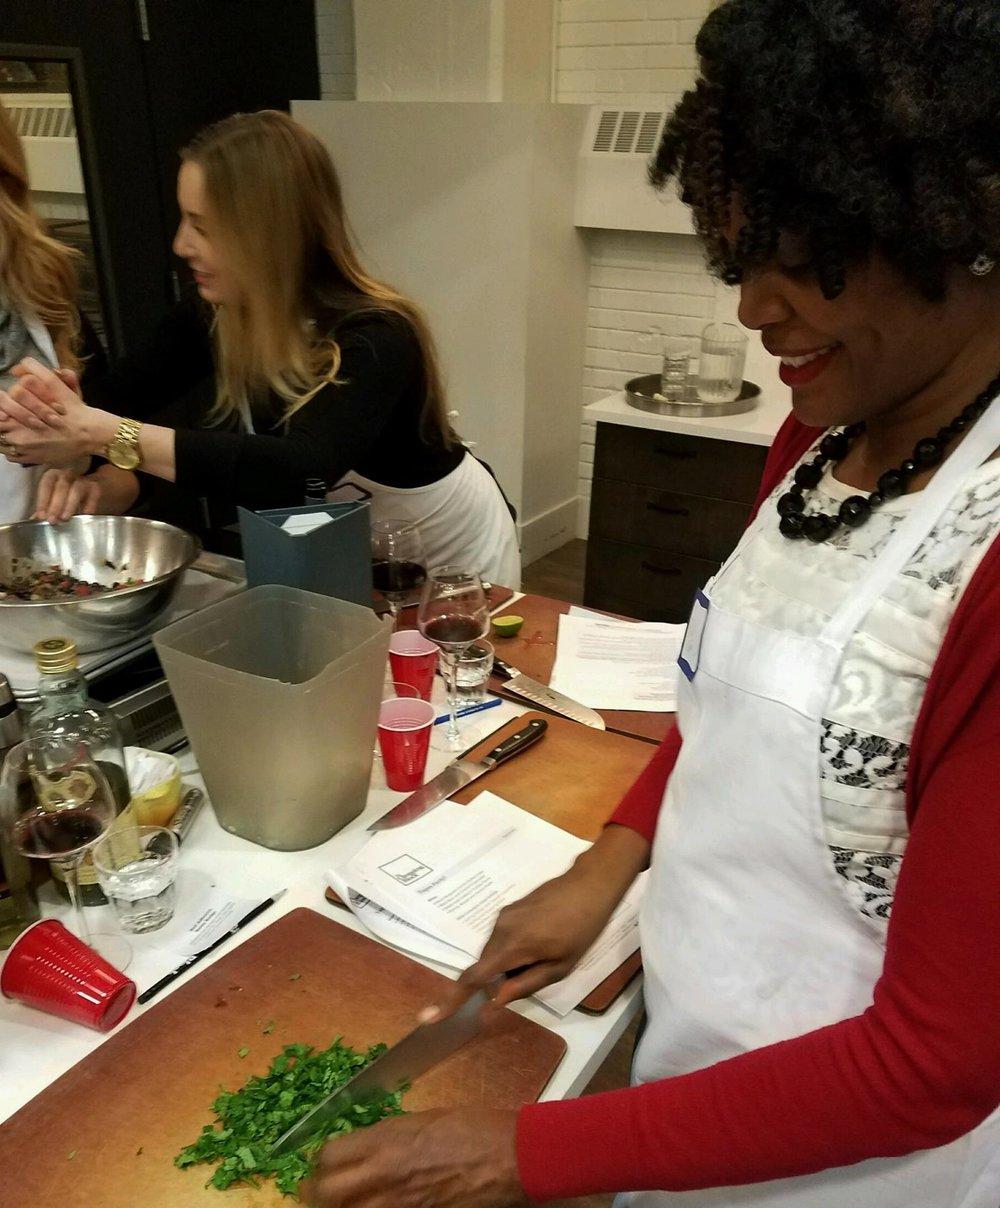 Empanadas in the making